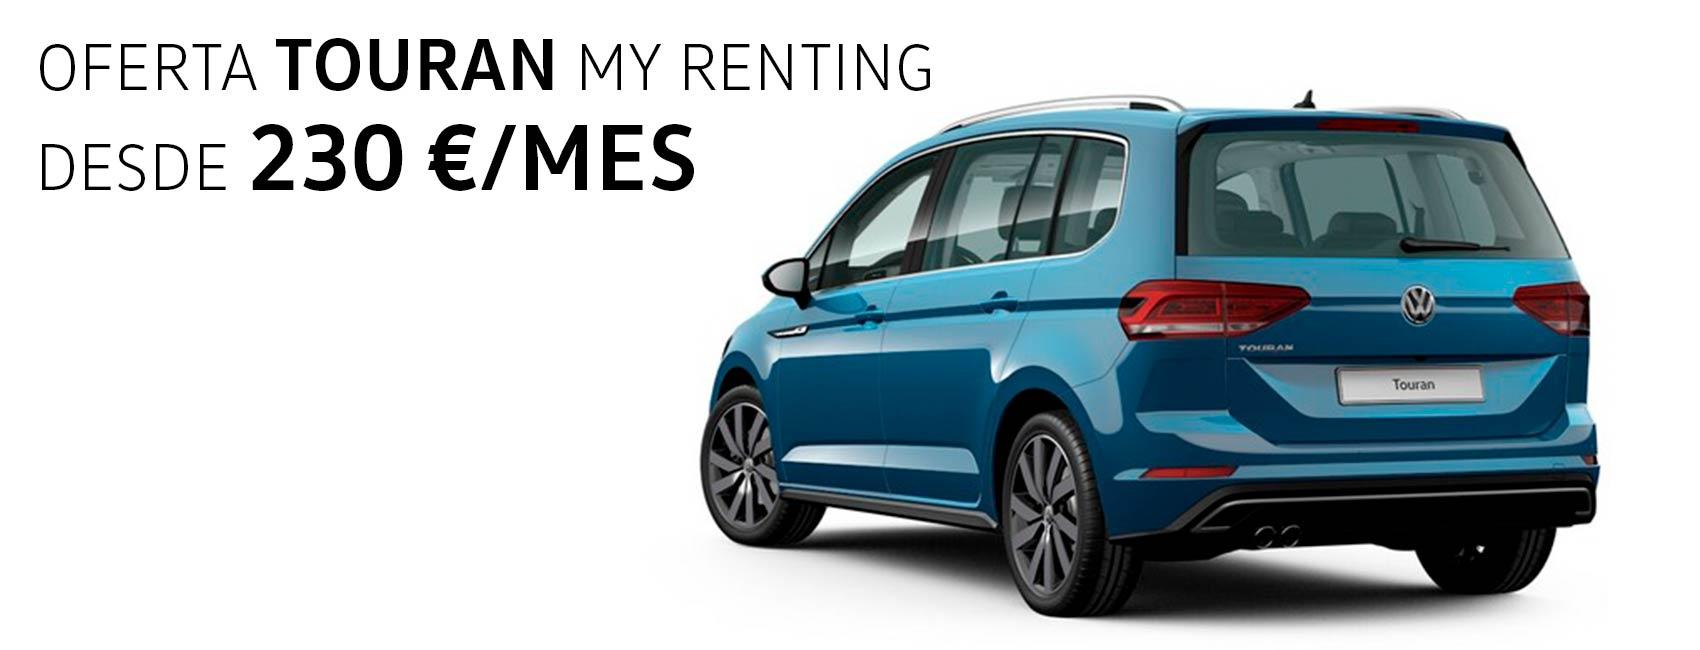 Volkswagen Touran renting en Zaragoza